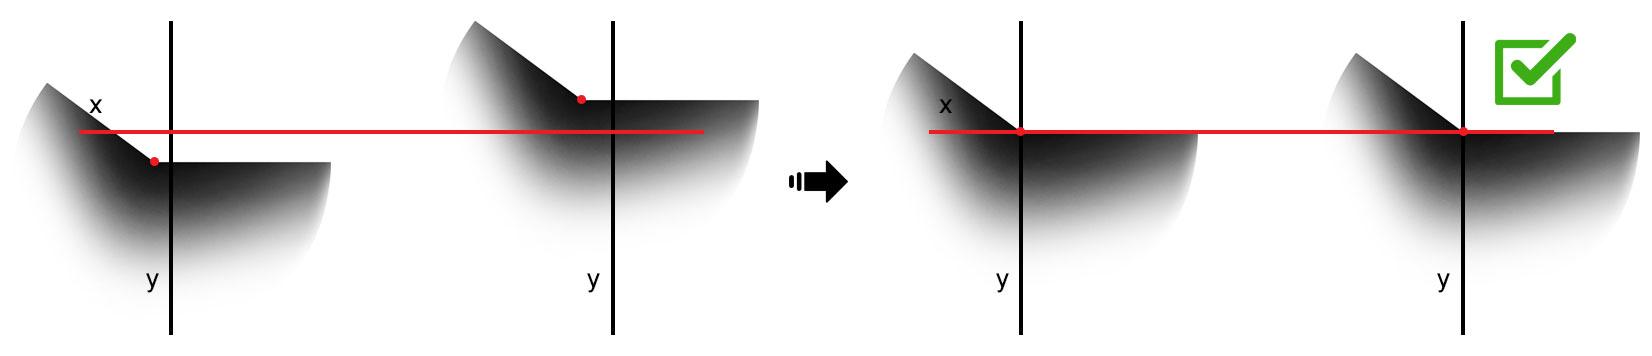 Align-2.jpg